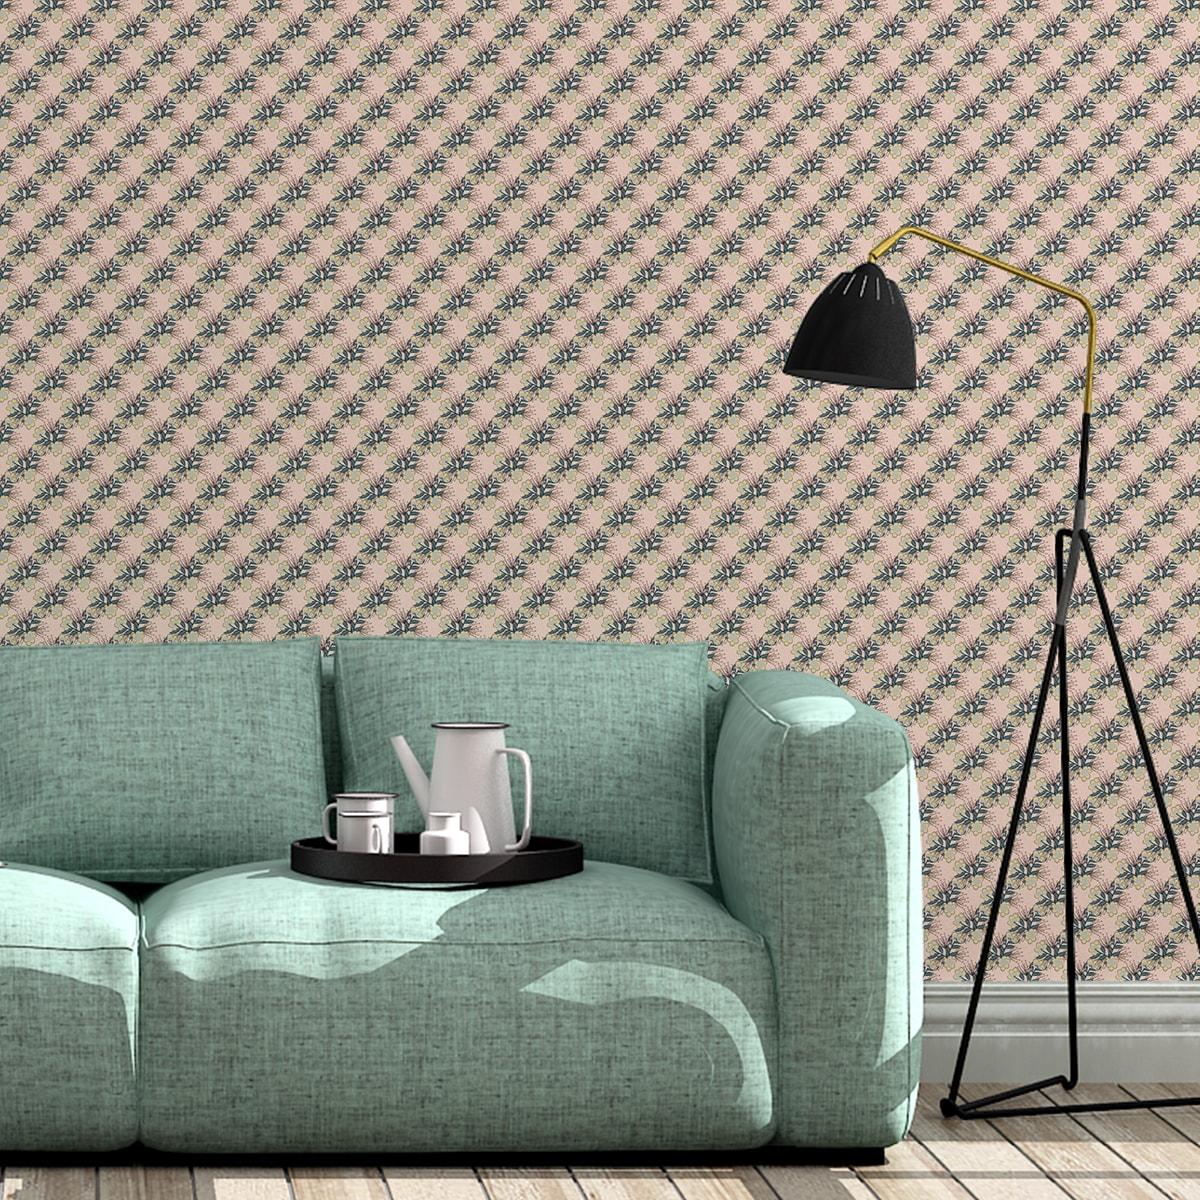 Schlafzimmer tapezieren in rosa: Classic Bouquet Blumentapete Blümchen Tapete in beige - Nostalgietapete für Schlafzimmer